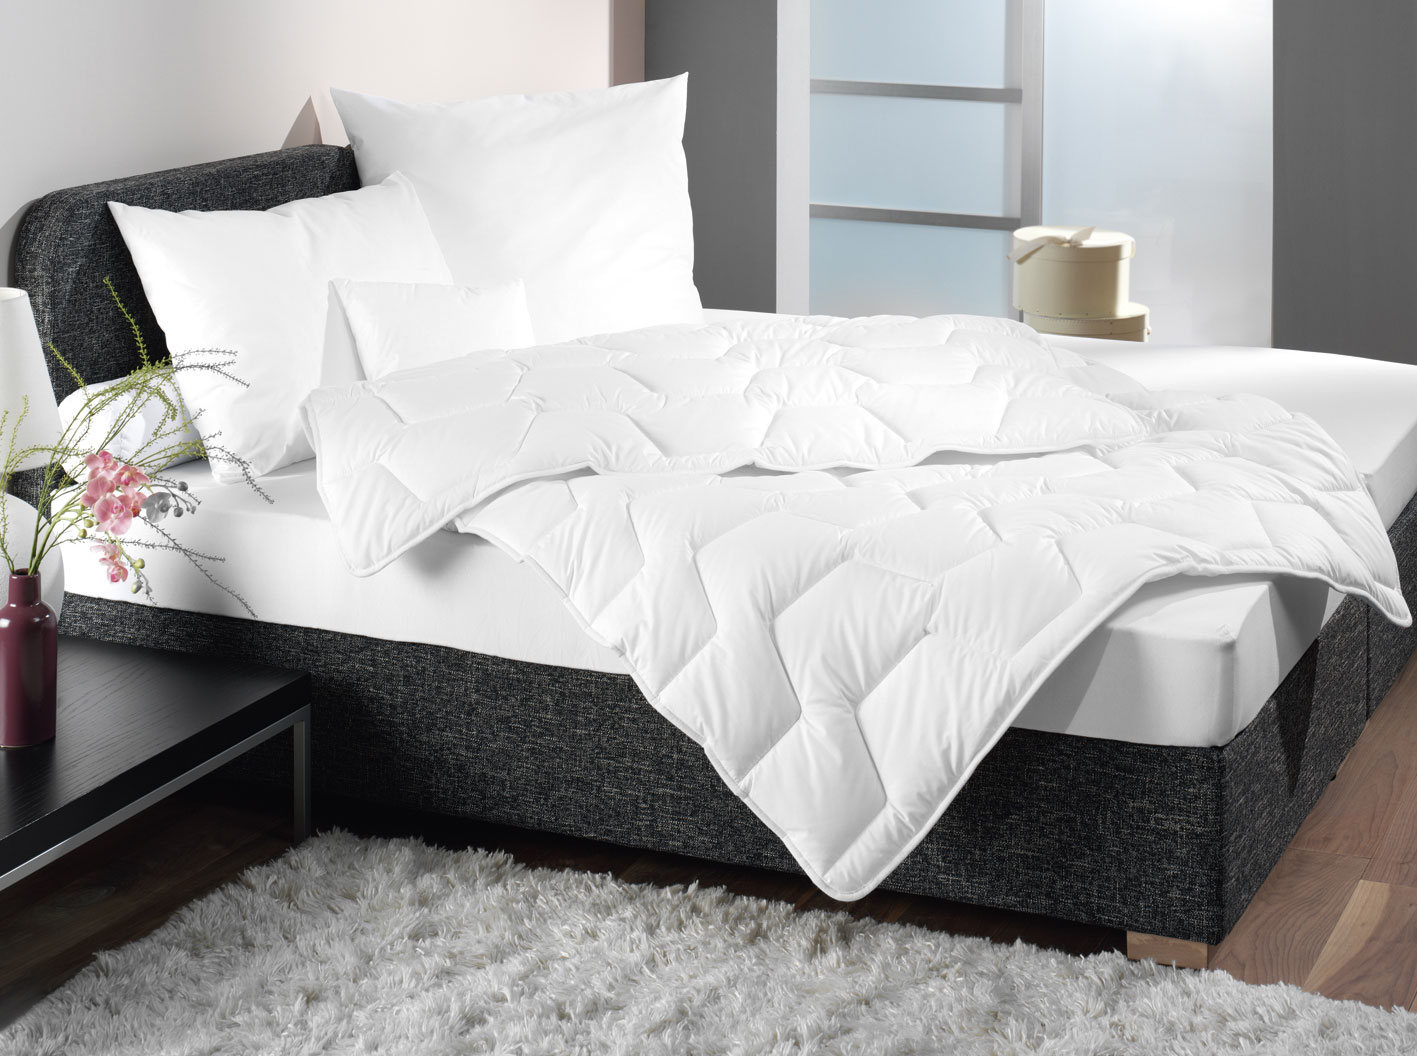 Bettdecke 100 % Polyester, 135x200 cm